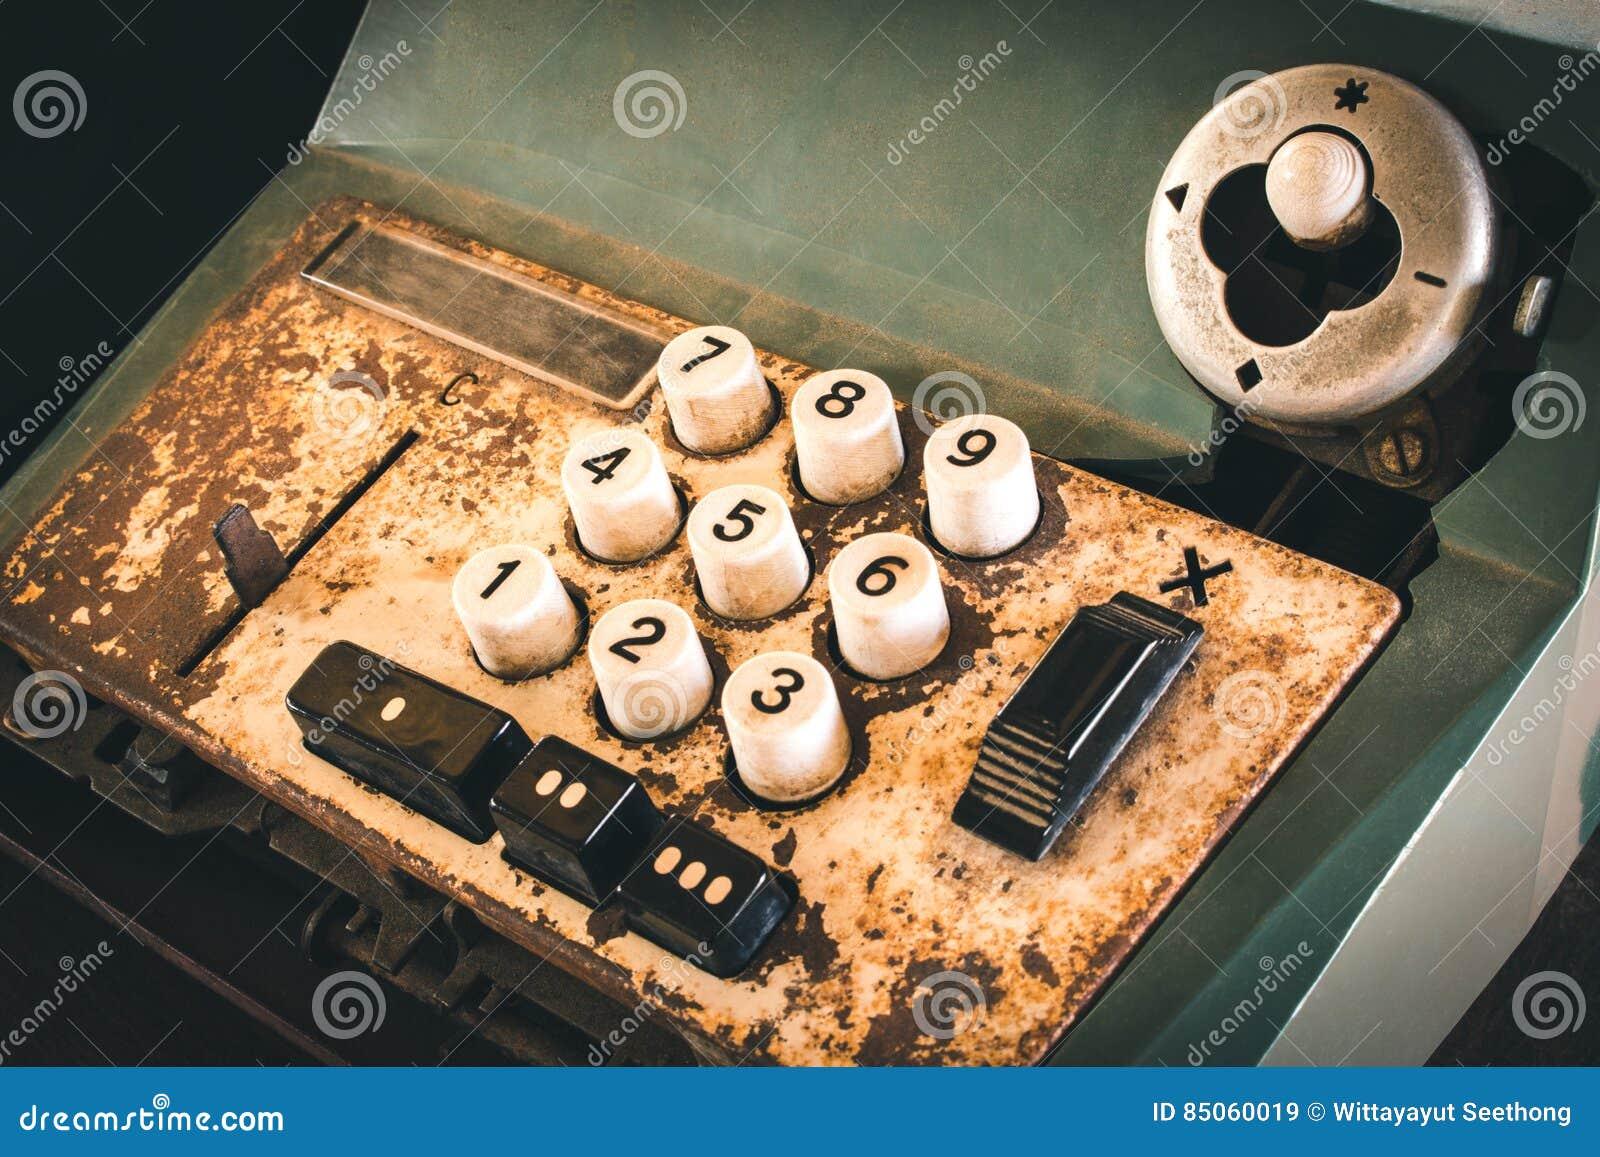 Ο παλαιός παλαιός κατάλογος μετρητών, οι μηχανές προσθήκης ή η αντίκα υπολογίζουν στο παλαιό ψιλικατζίδικο